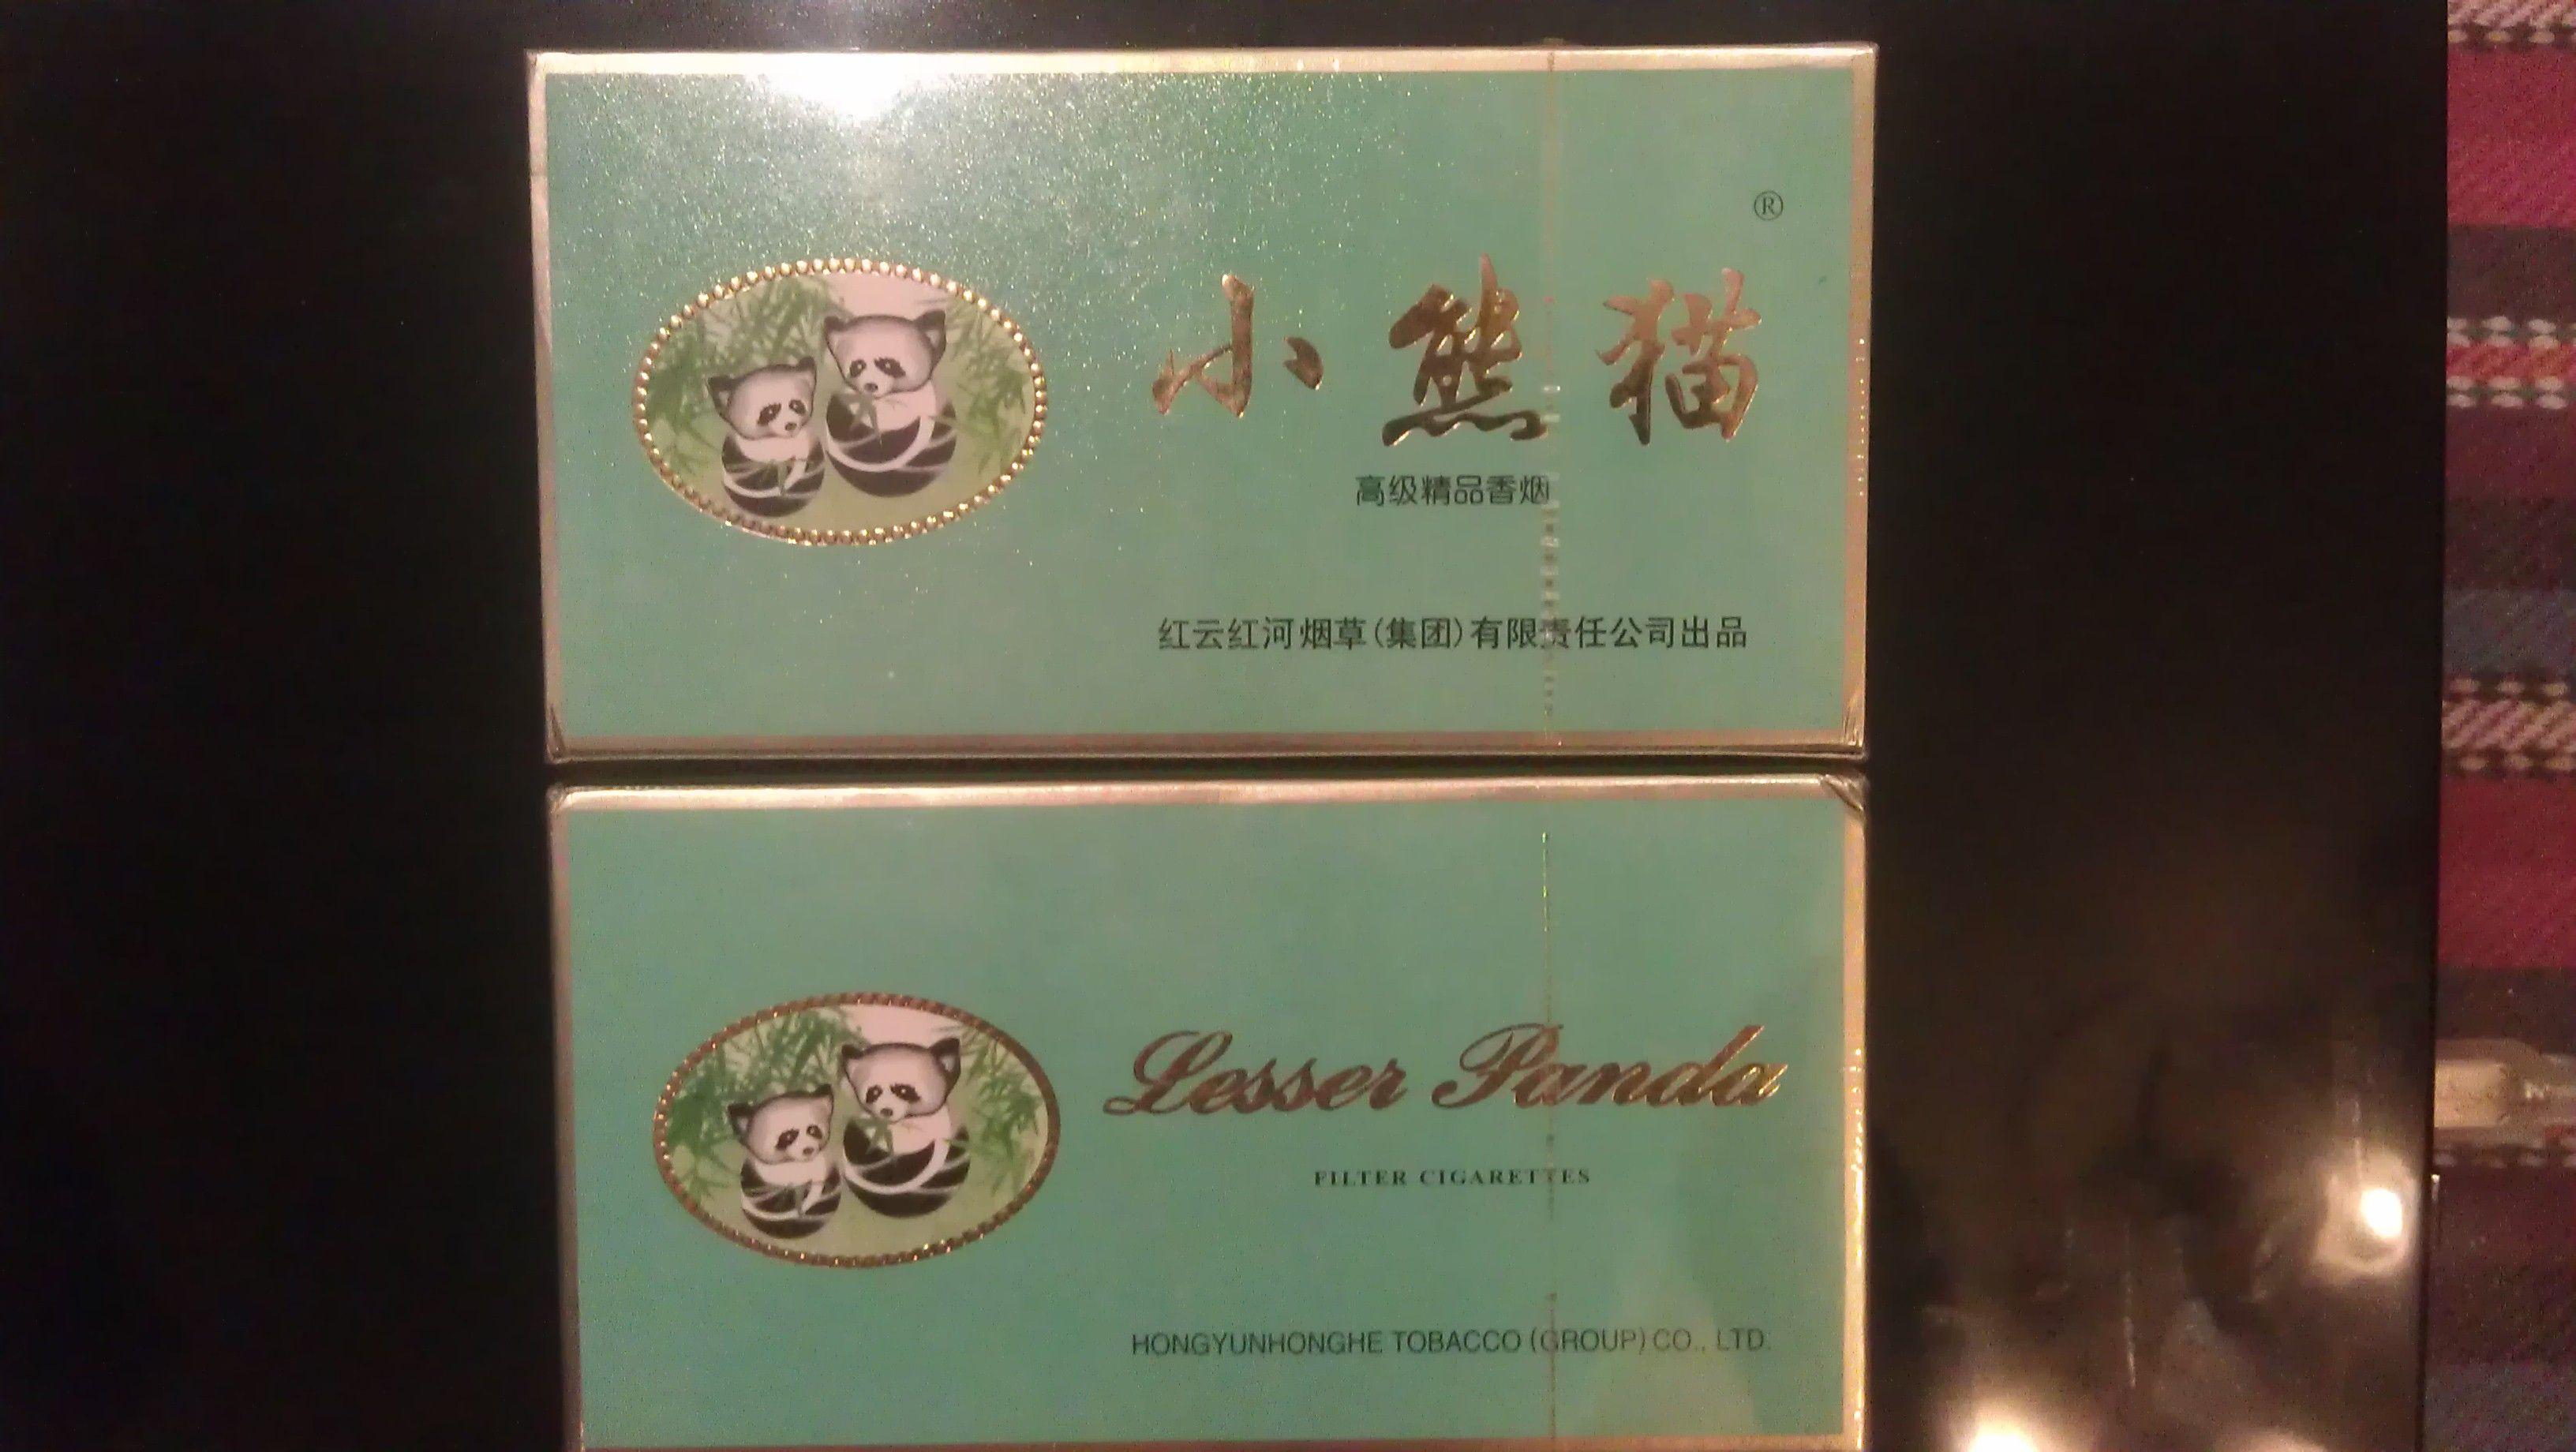 小熊猫香烟 小熊猫精品香烟铁盒10支装多少钱高清图片